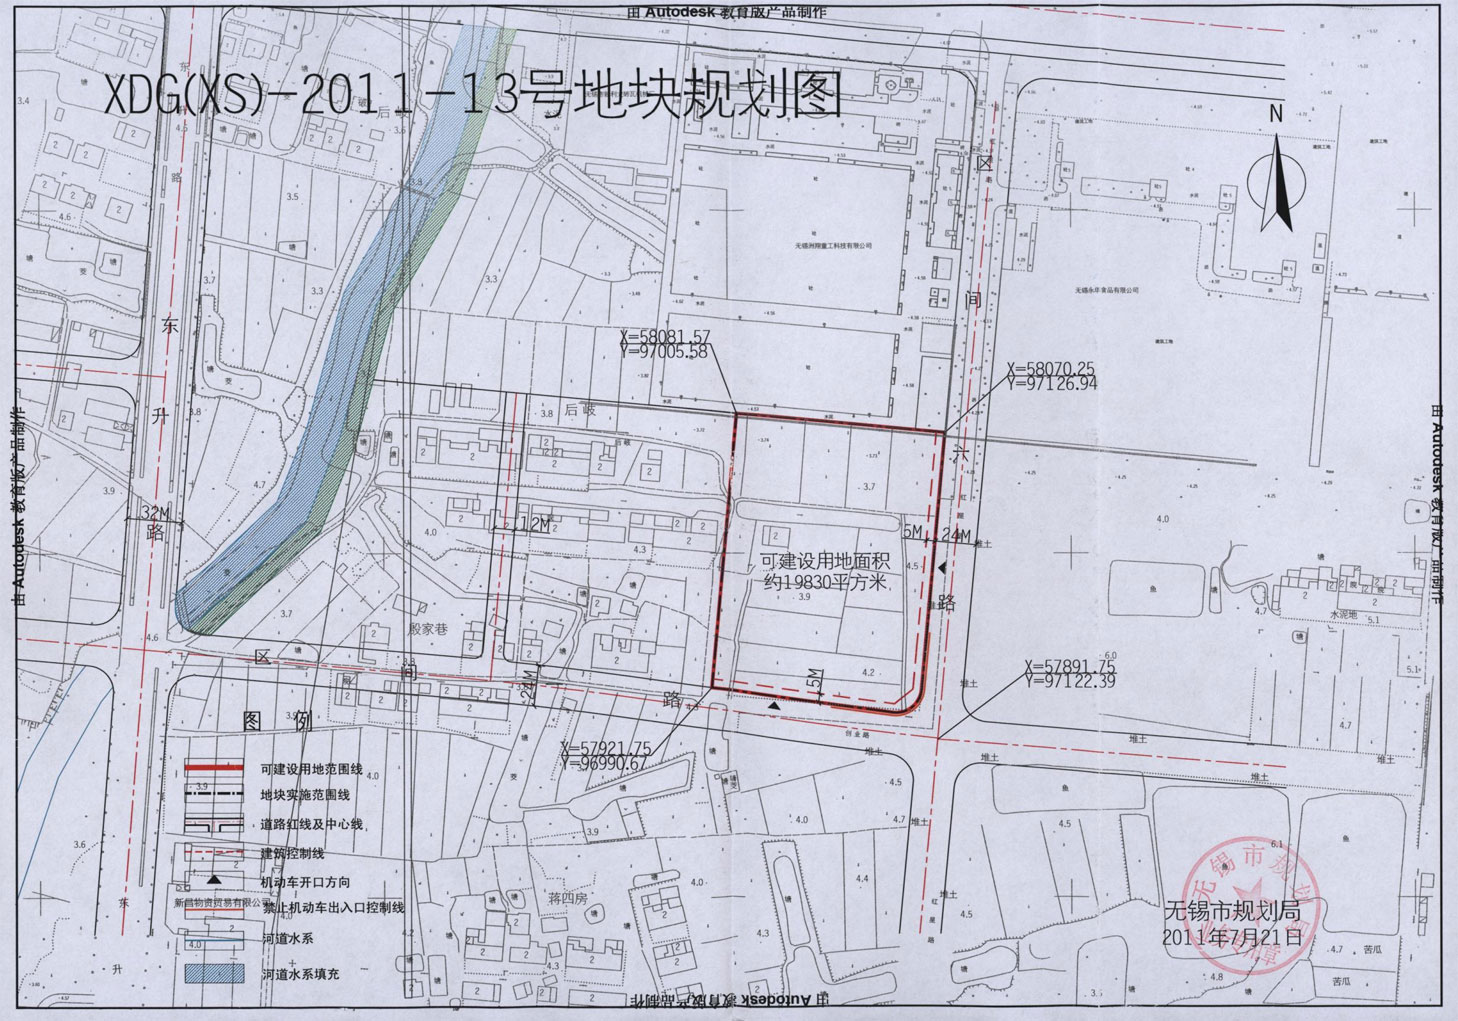 锡国土(工)2012-62  锡山区东港镇区间一路北